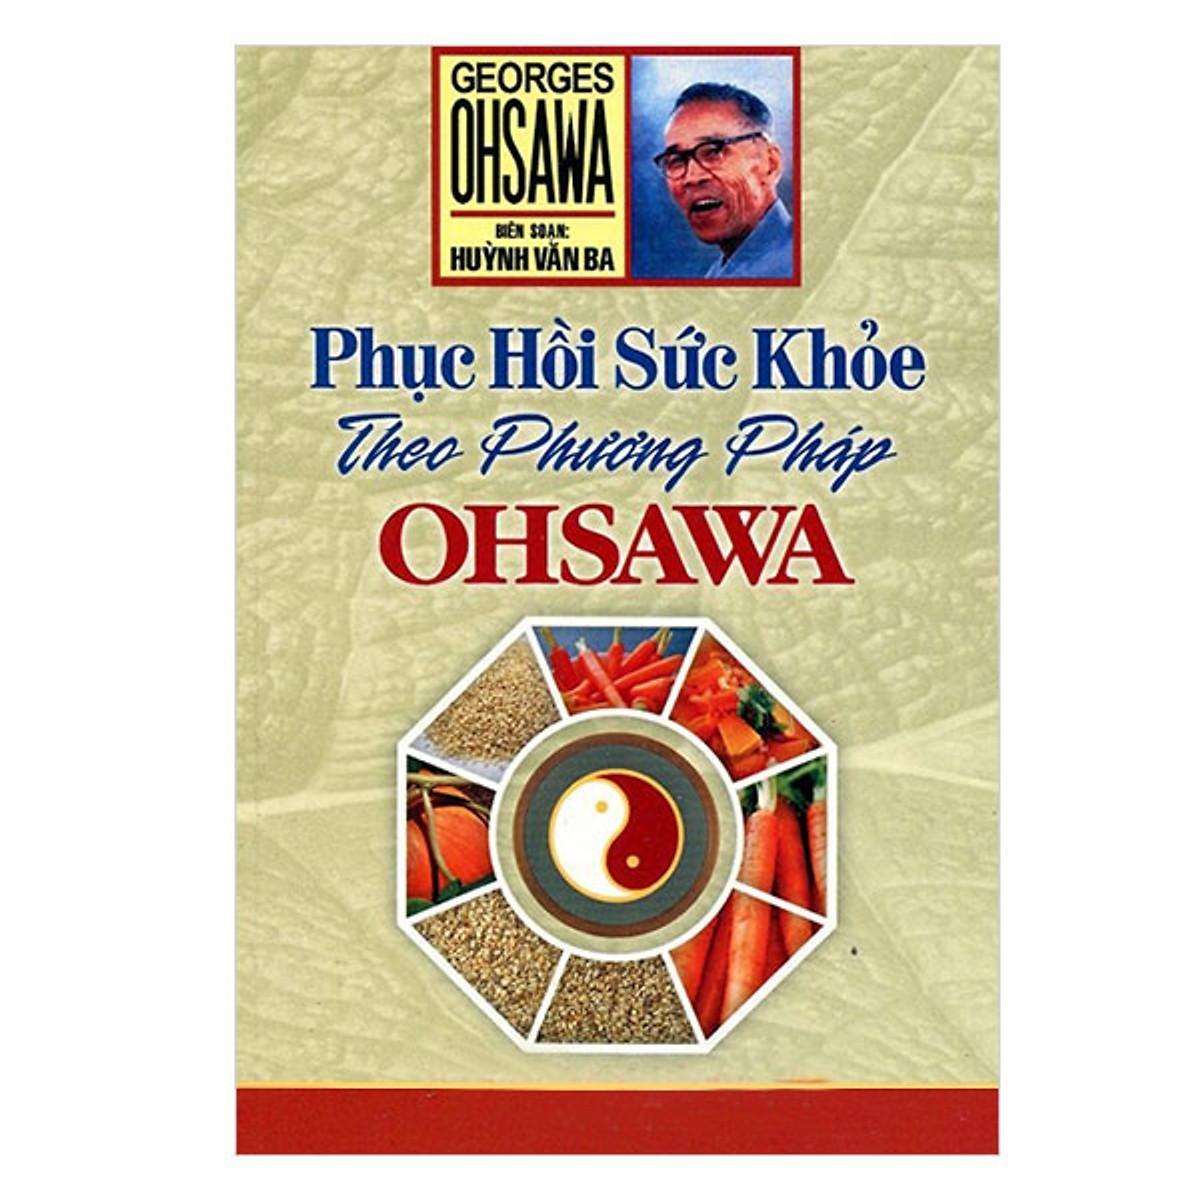 Mua Phục Hồi Sức Khoẻ Theo Phương Pháp Ohsawa